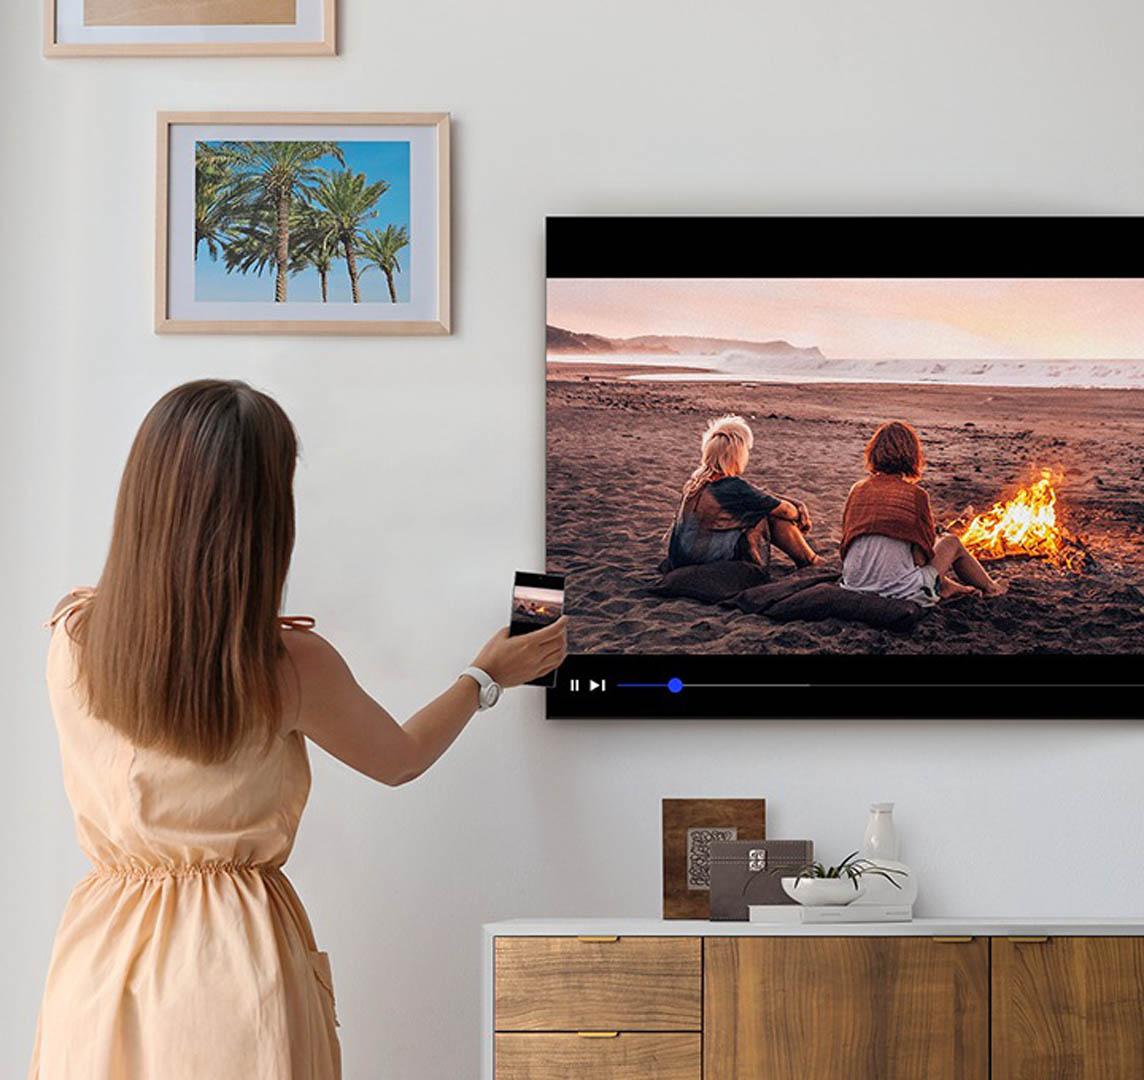 espelhar o conteúdo de seu smartphone em uma TV